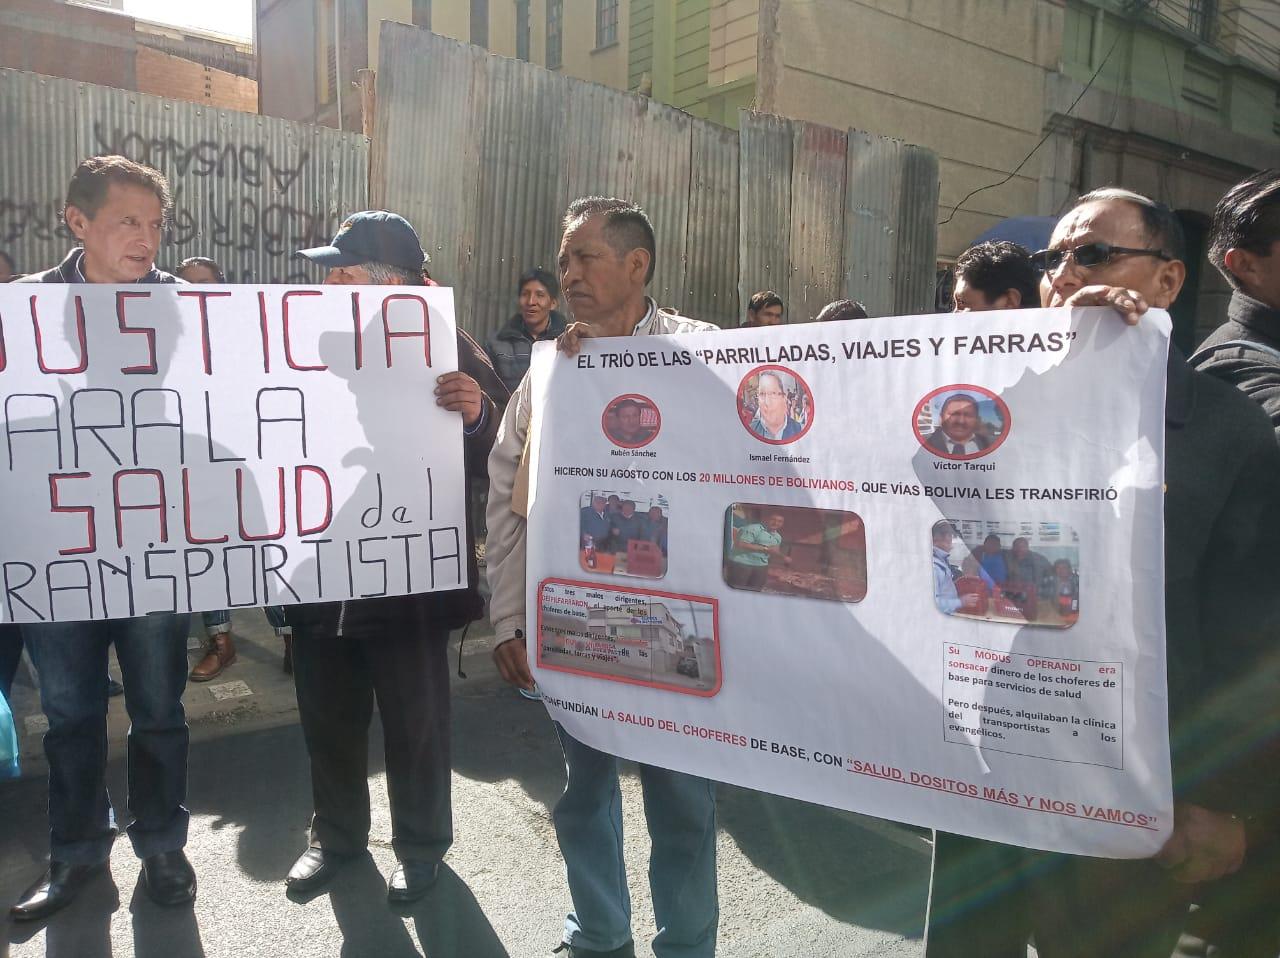 4 sindicatos de chóferes denuncian irregularidades en la investigación de traspasos millonarios de Vías Bolivia